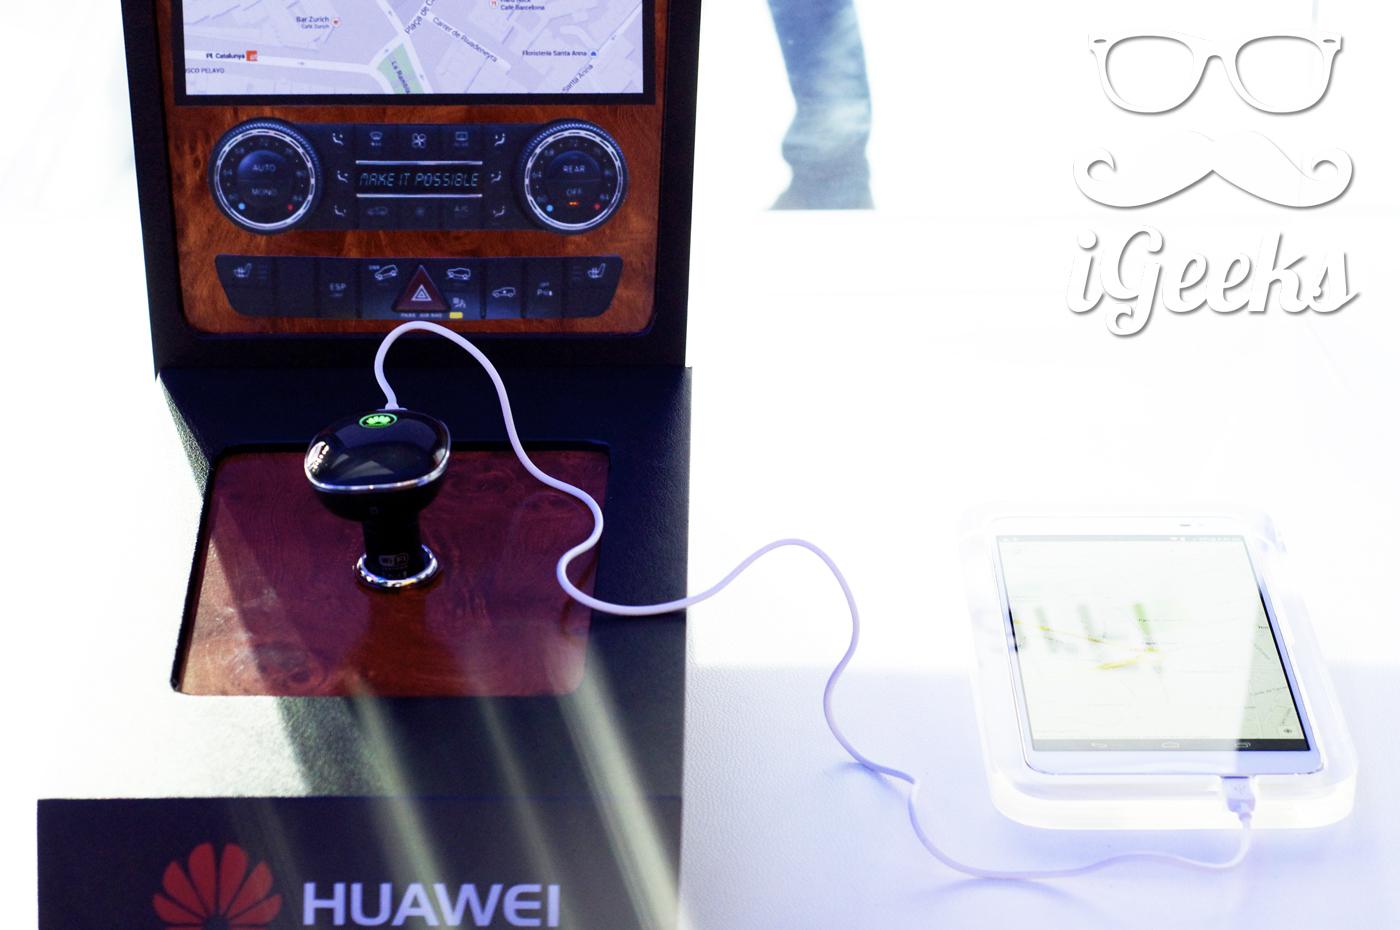 HUAWEI-CAR-WI-FI-2